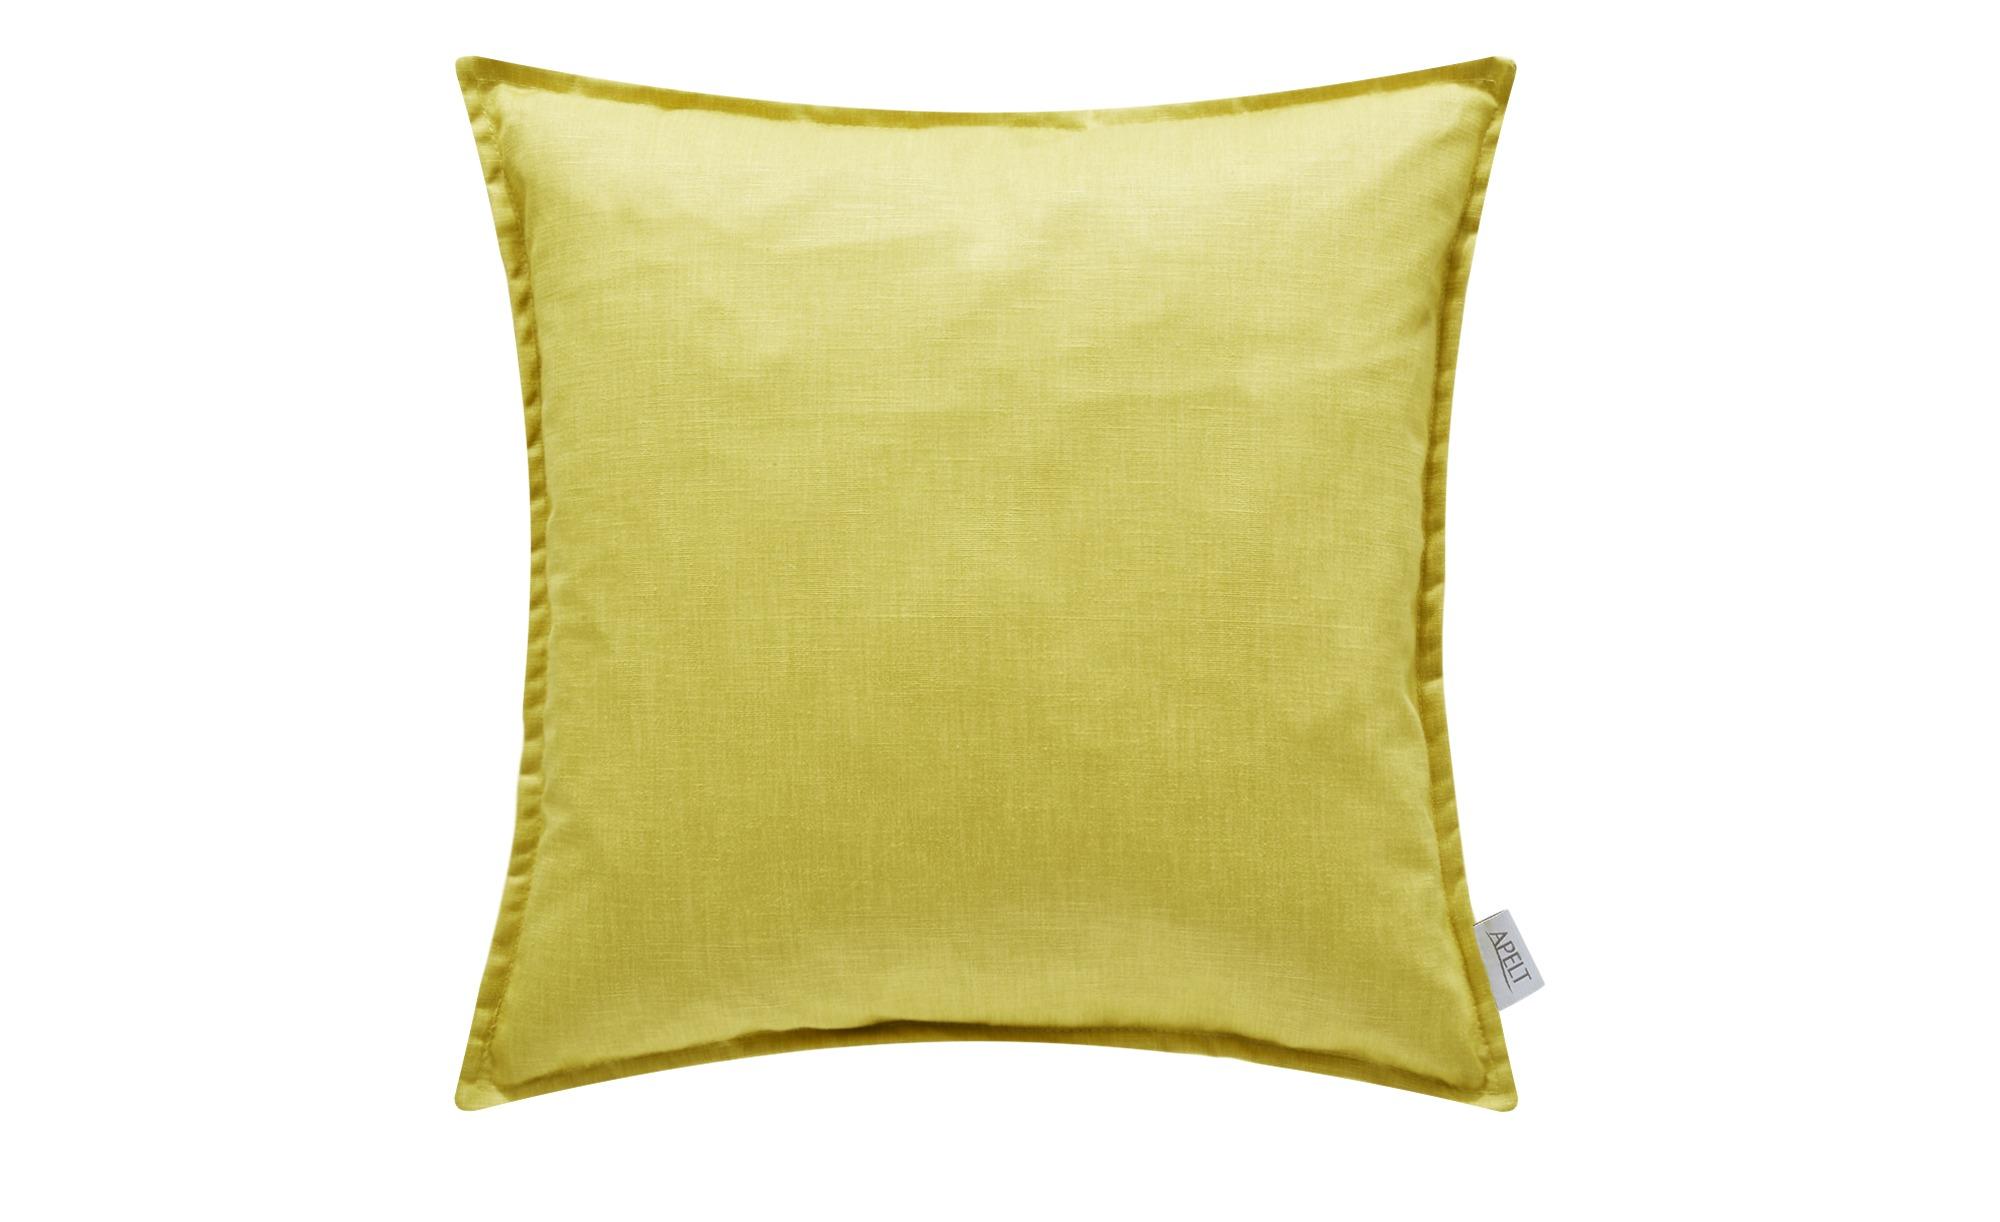 Apelt Kissen  Alaska ¦ gelb ¦ 100% Federfüllung ¦ Maße (cm): B: 39 Heimtextilien > Kissen > Dekokissen - Höffner